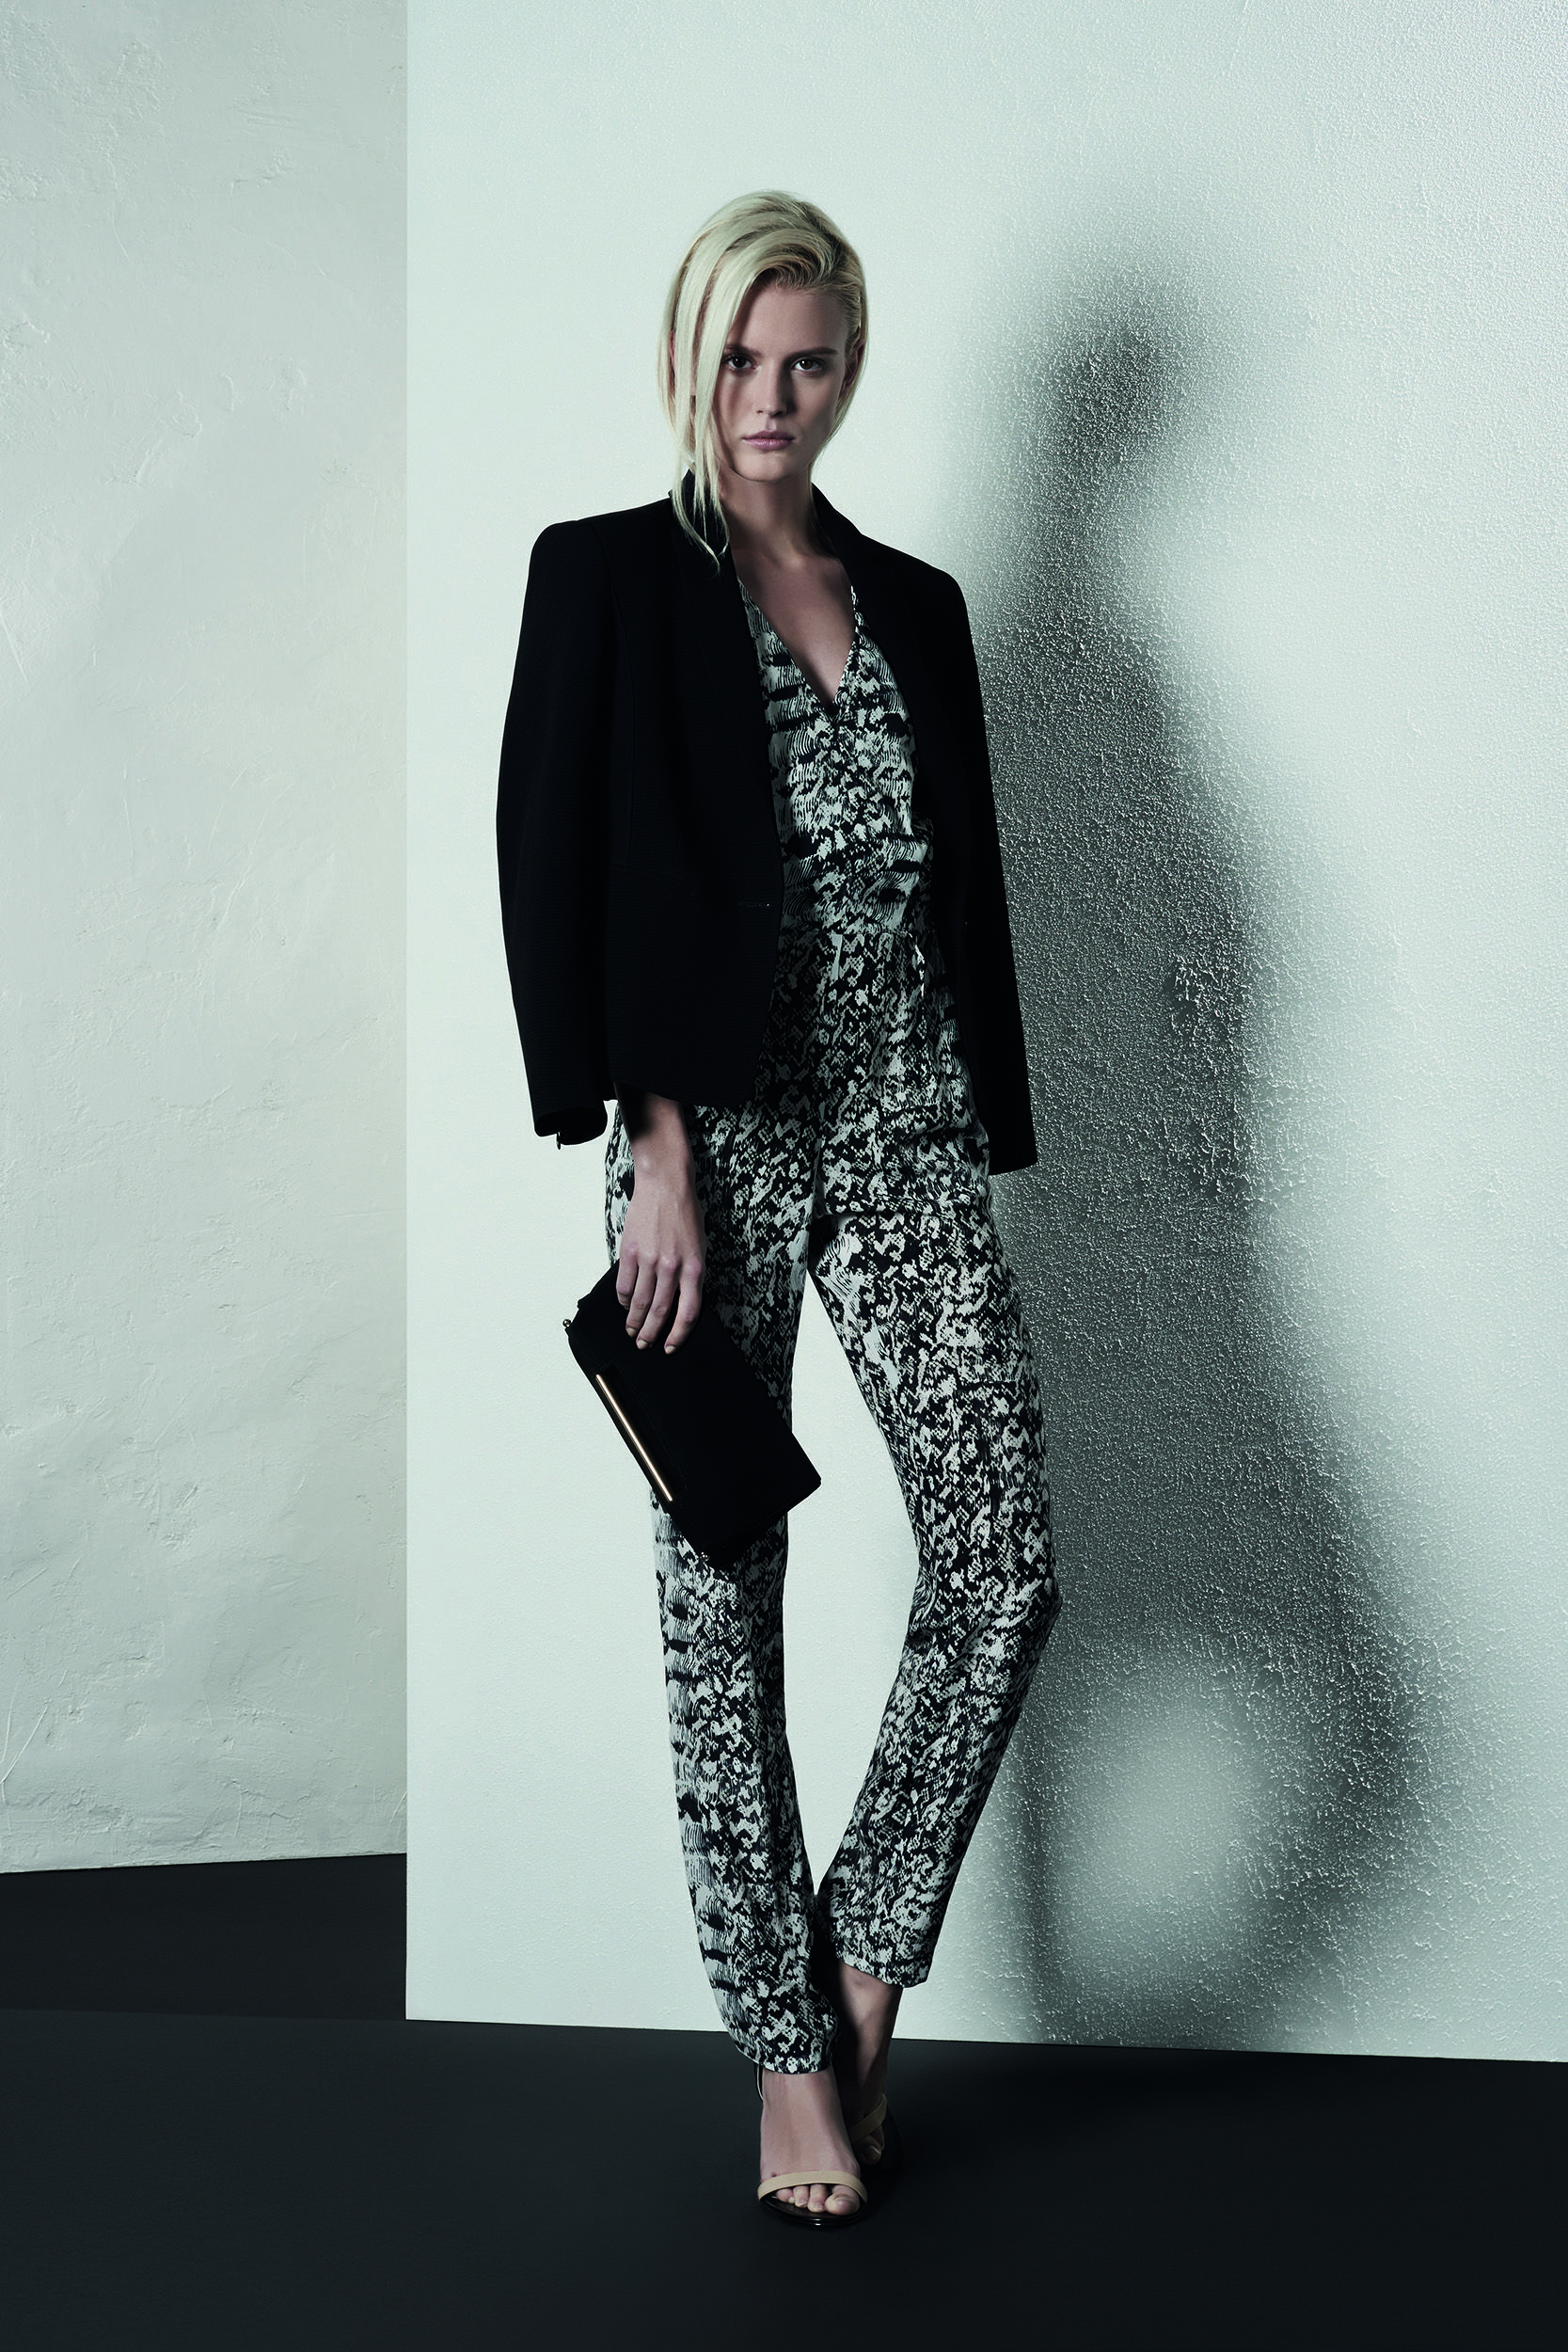 b271f1ad358 Reiss  SS14 Womenswear Lookbook  Monica Jumpsuit